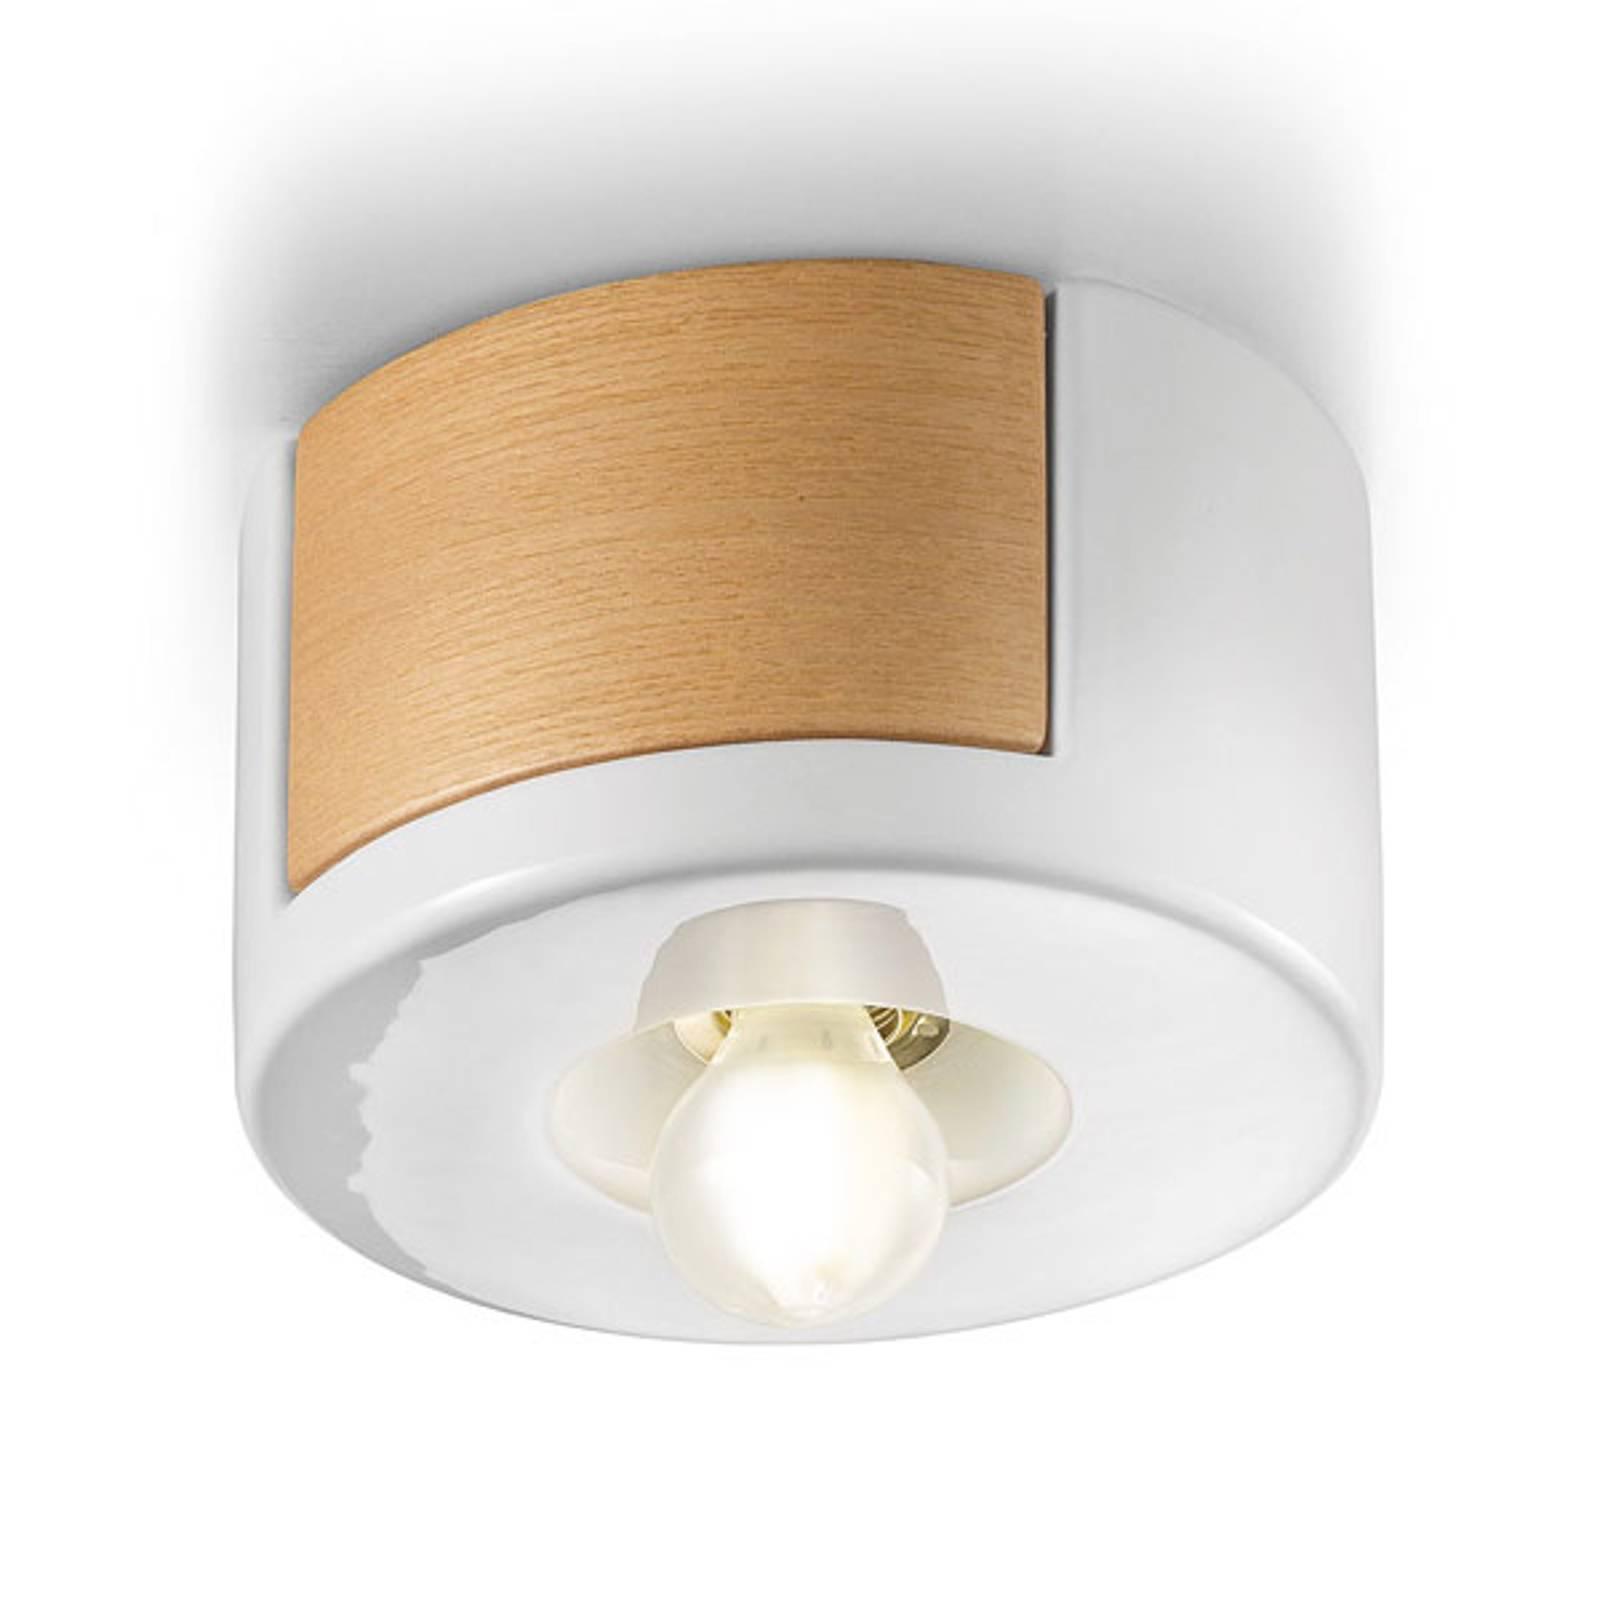 Lampa sufitowa C1791, styl skandynawski, biała